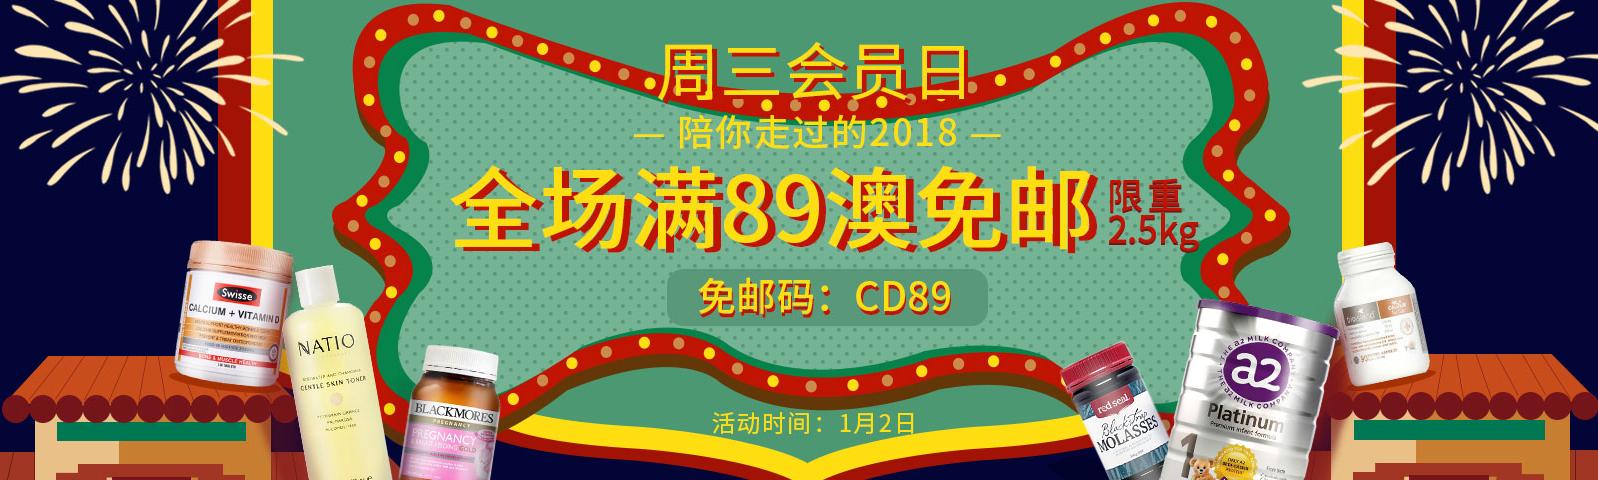 【澳洲CD药房】周三会员日全场满89澳免邮,限重2.5kg  免邮码:CD89